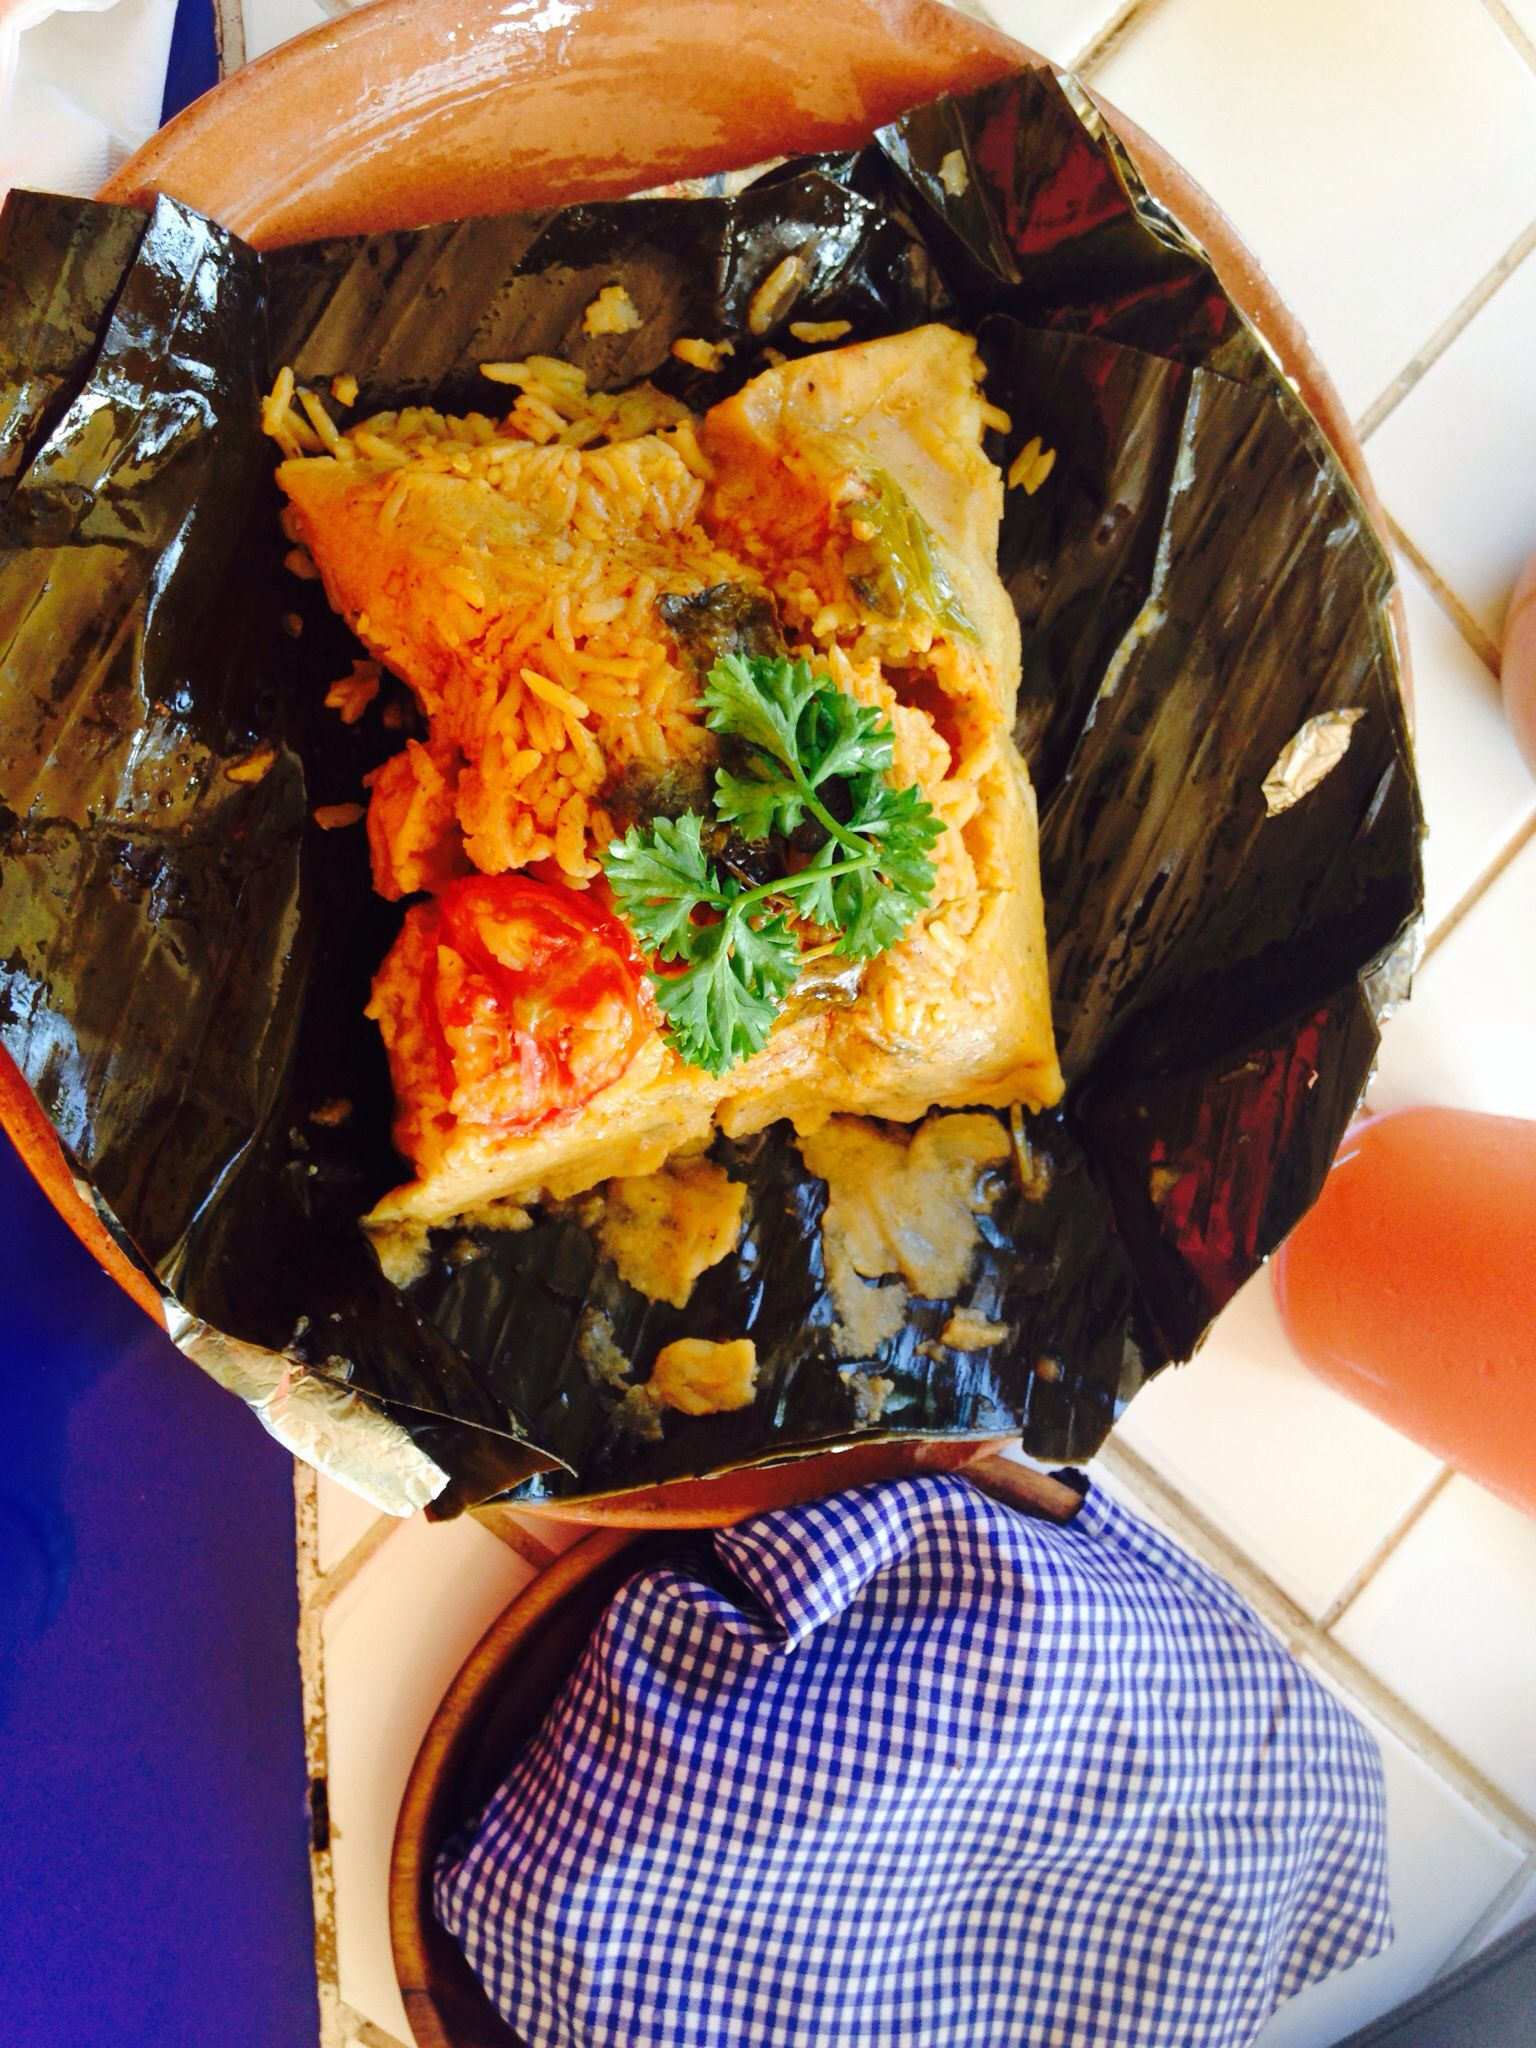 Nacatamales nicaraguenses... Delicious - YouTube